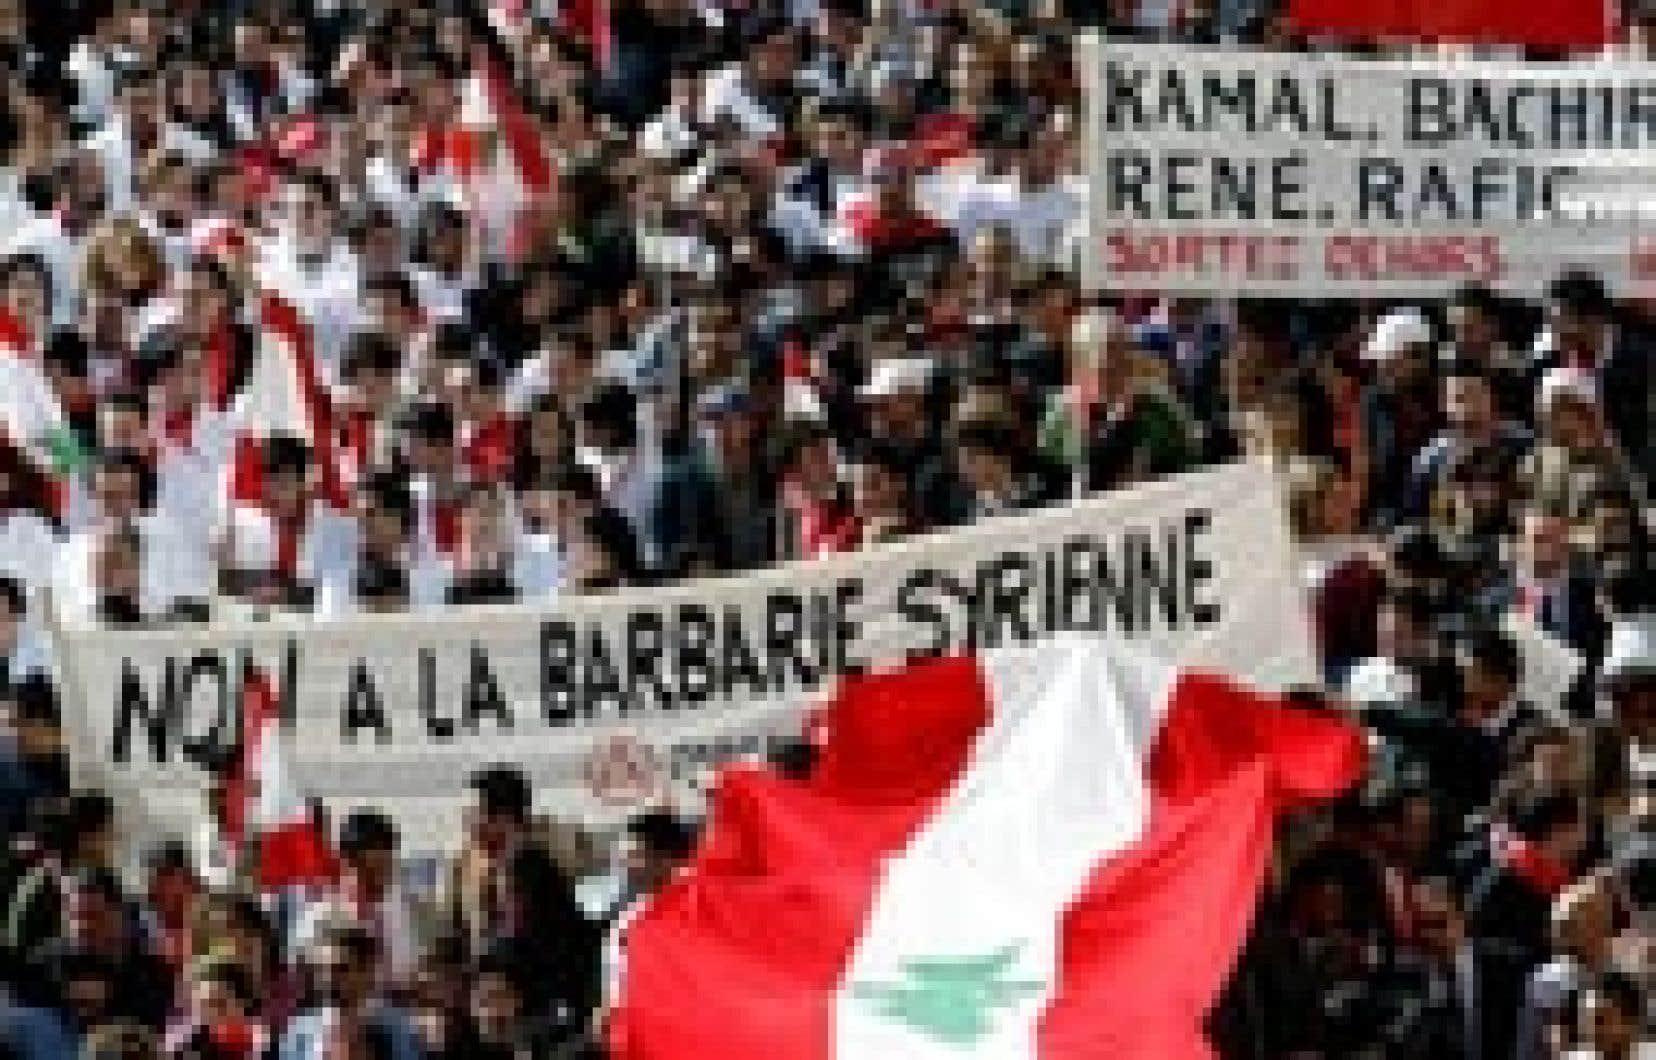 jamal saidi reuters Des dizaines de milliers de Libanais ont manifesté leur mécontentement à l'endroit de la Syrie, hier.